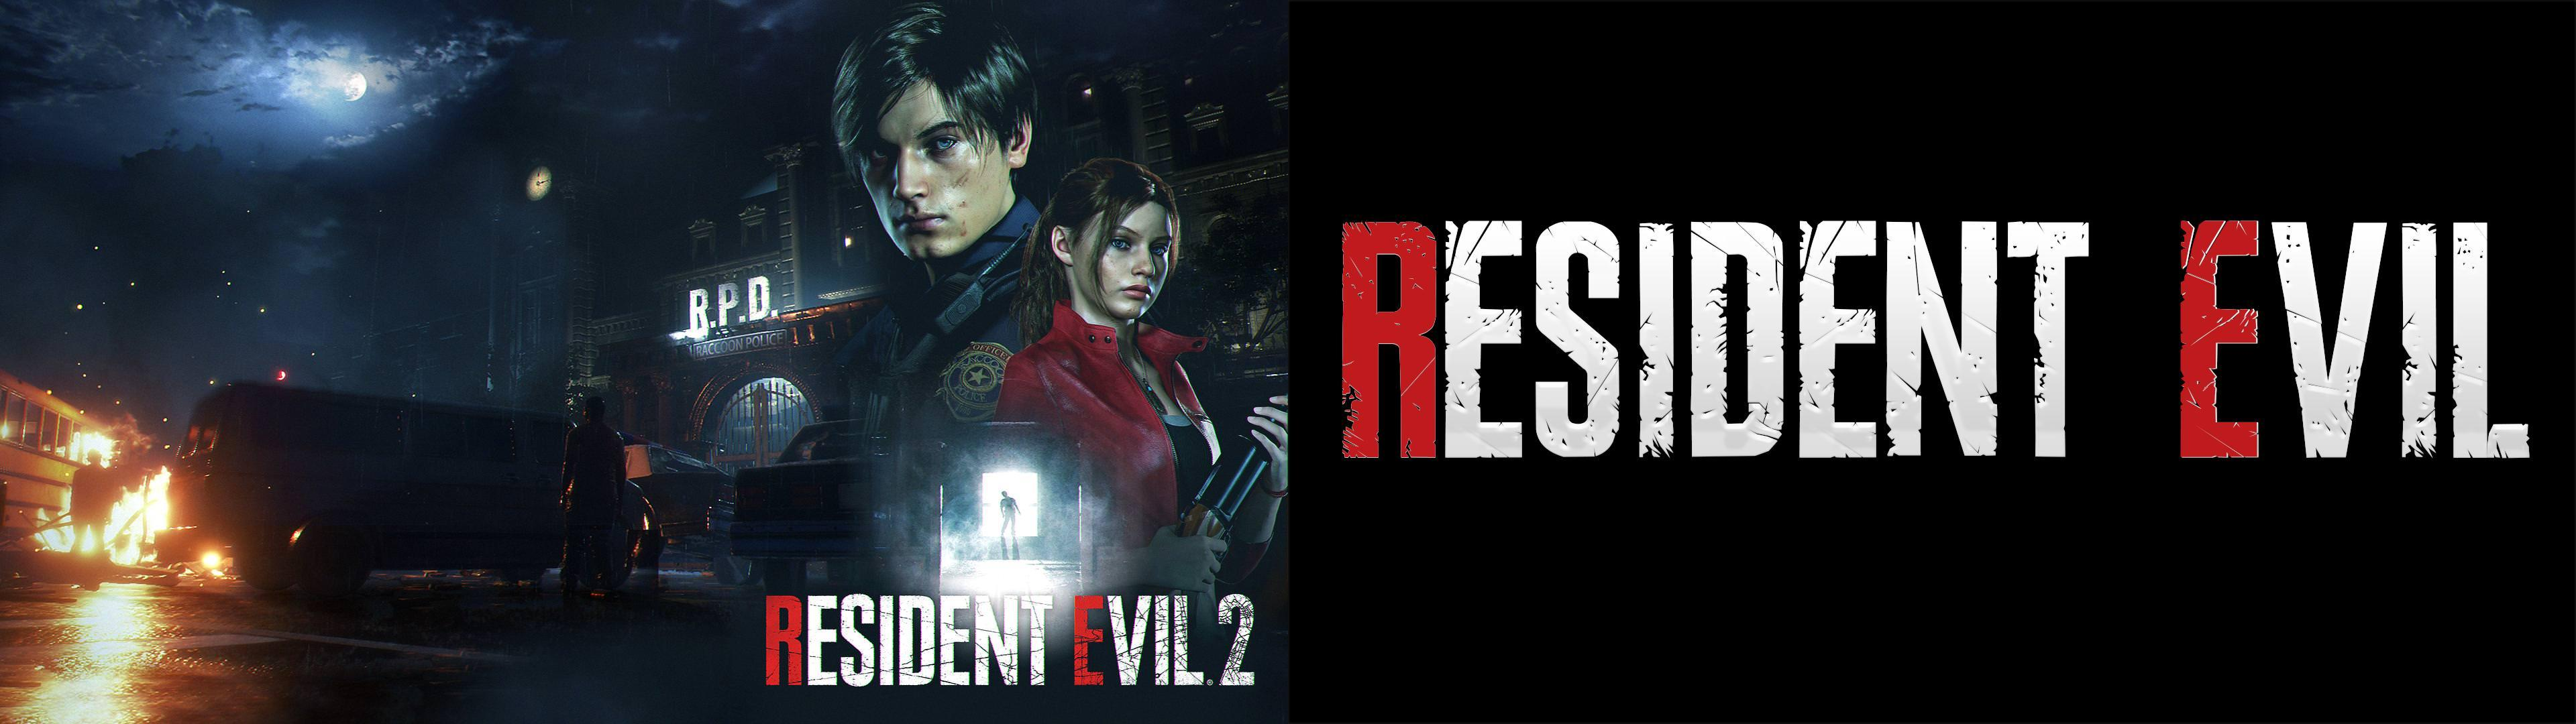 Resident Evil 2 Schachrätsel